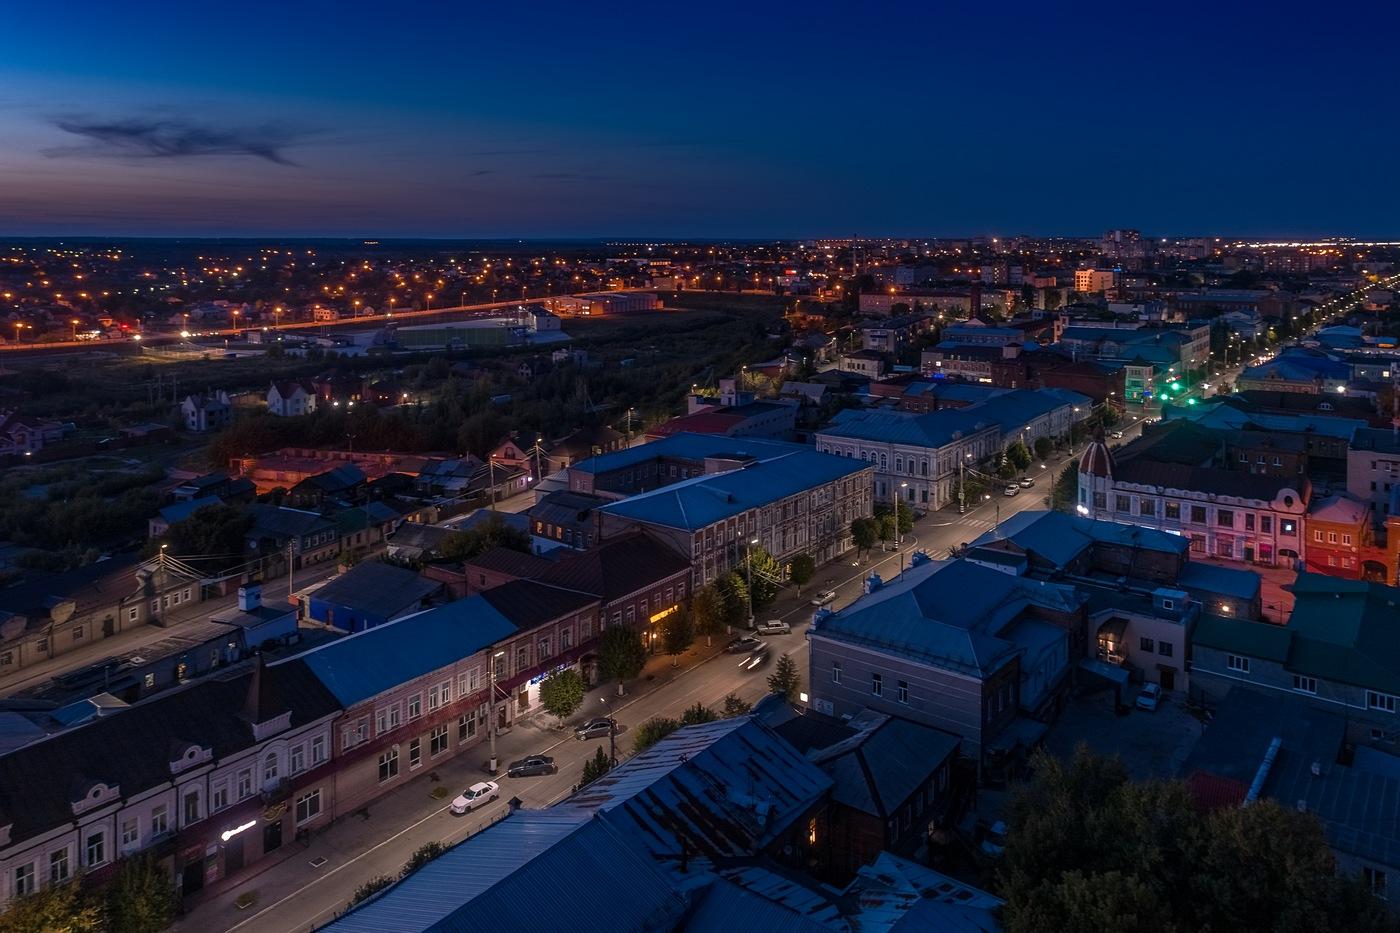 Сызрань с высоты. Август 2019. Часть 1. город как на ладони,фото,Сызрань,аэрофото,аэрофотосъемка,высота,захватывающие картинки города,Самарская область,квадрокоптер,красивые фотографии с высоты,все о городе,dji